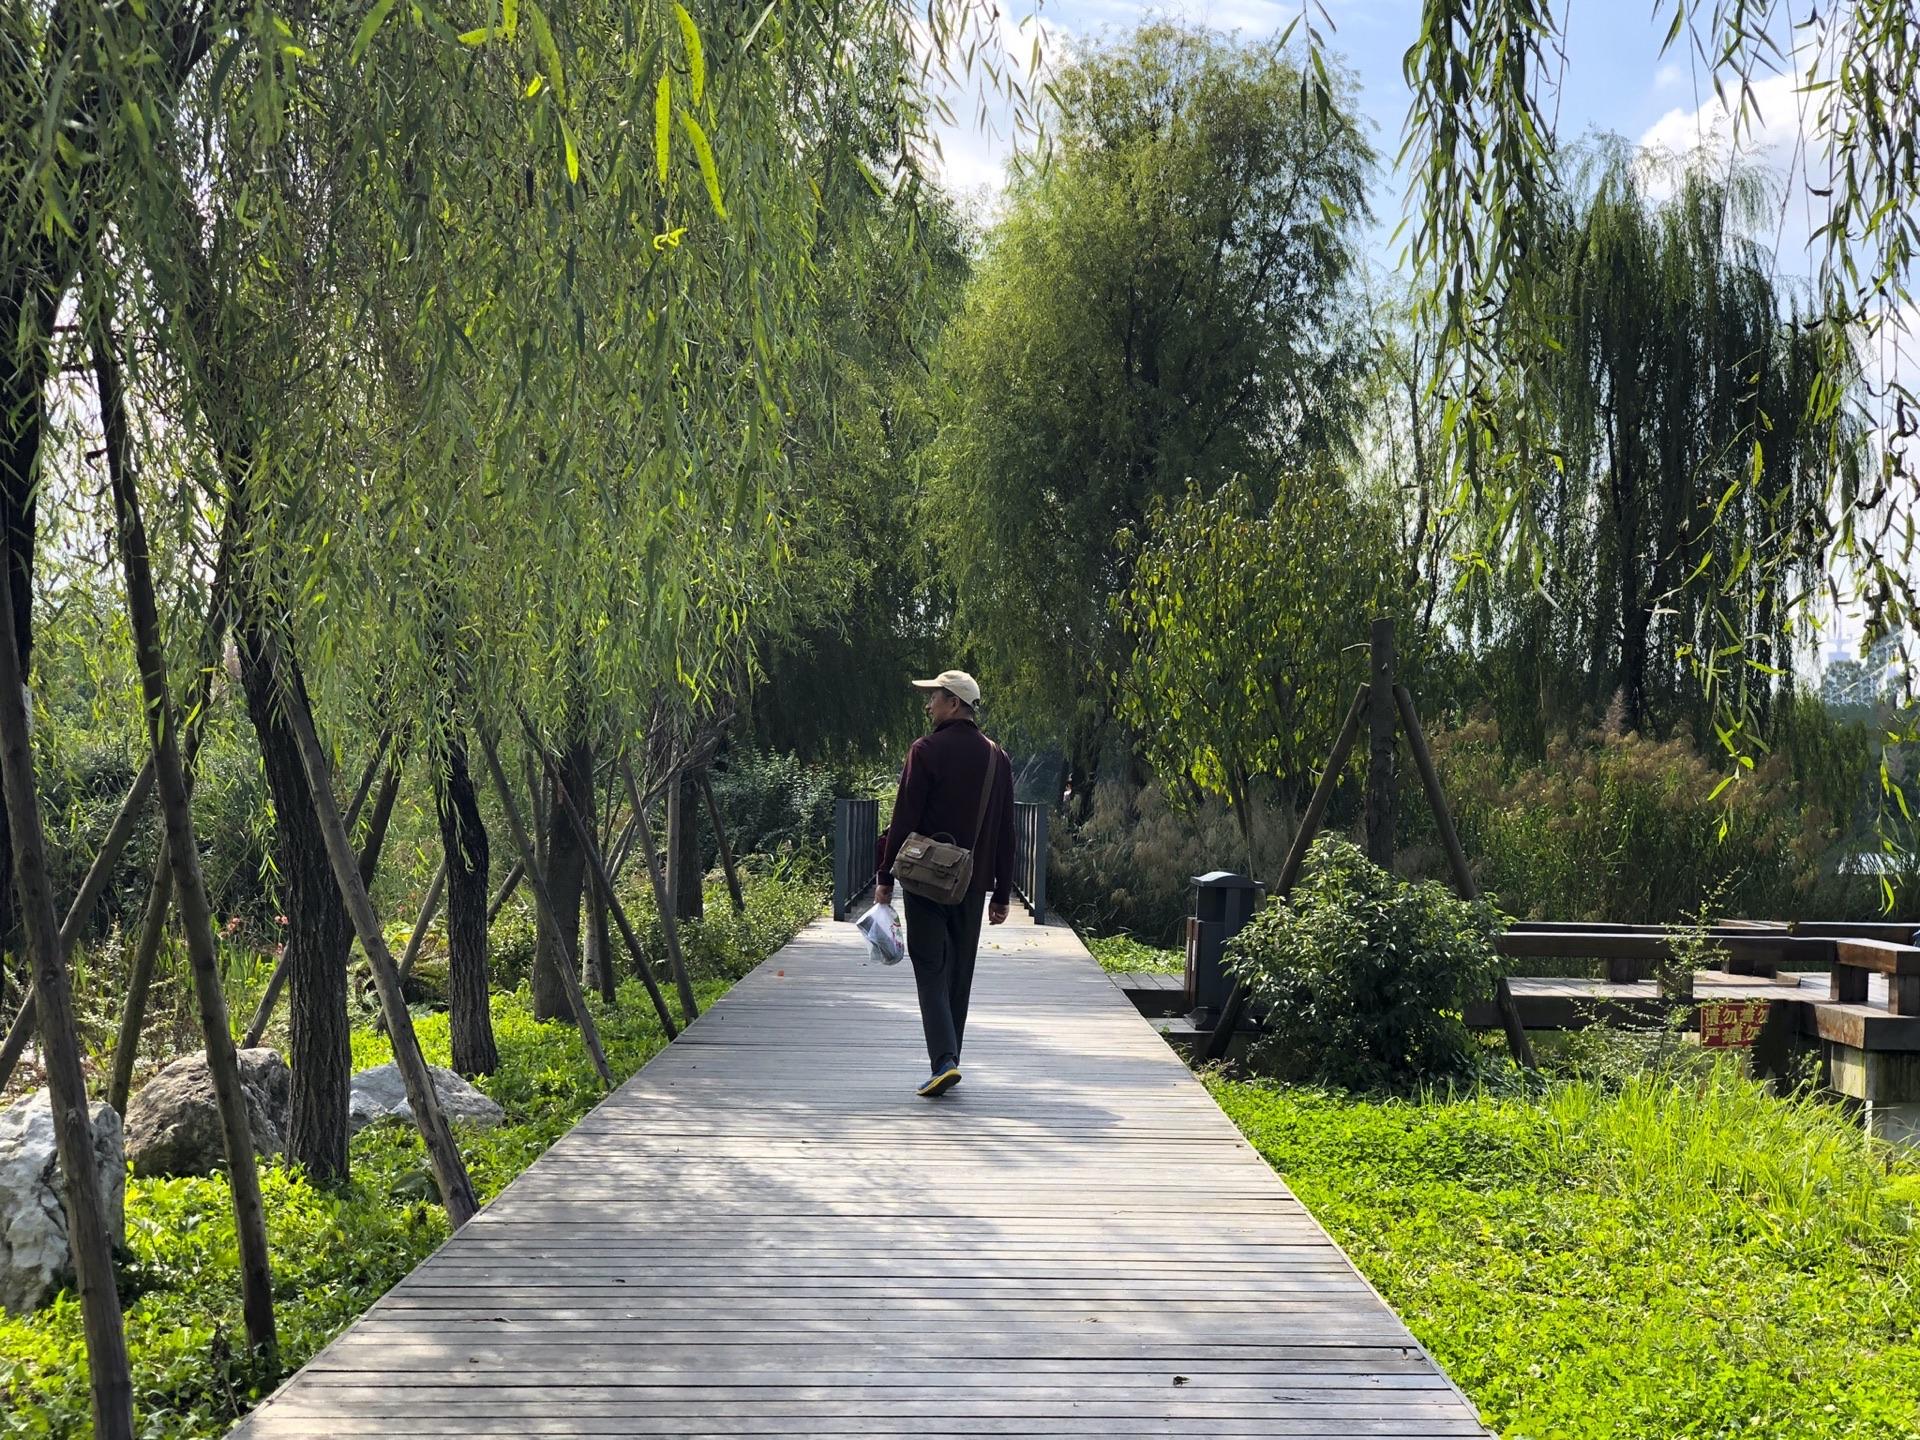 成都青龙场交通规划_成都青龙湖好玩吗,成都青龙湖景点怎么样_点评_评价【携程攻略】